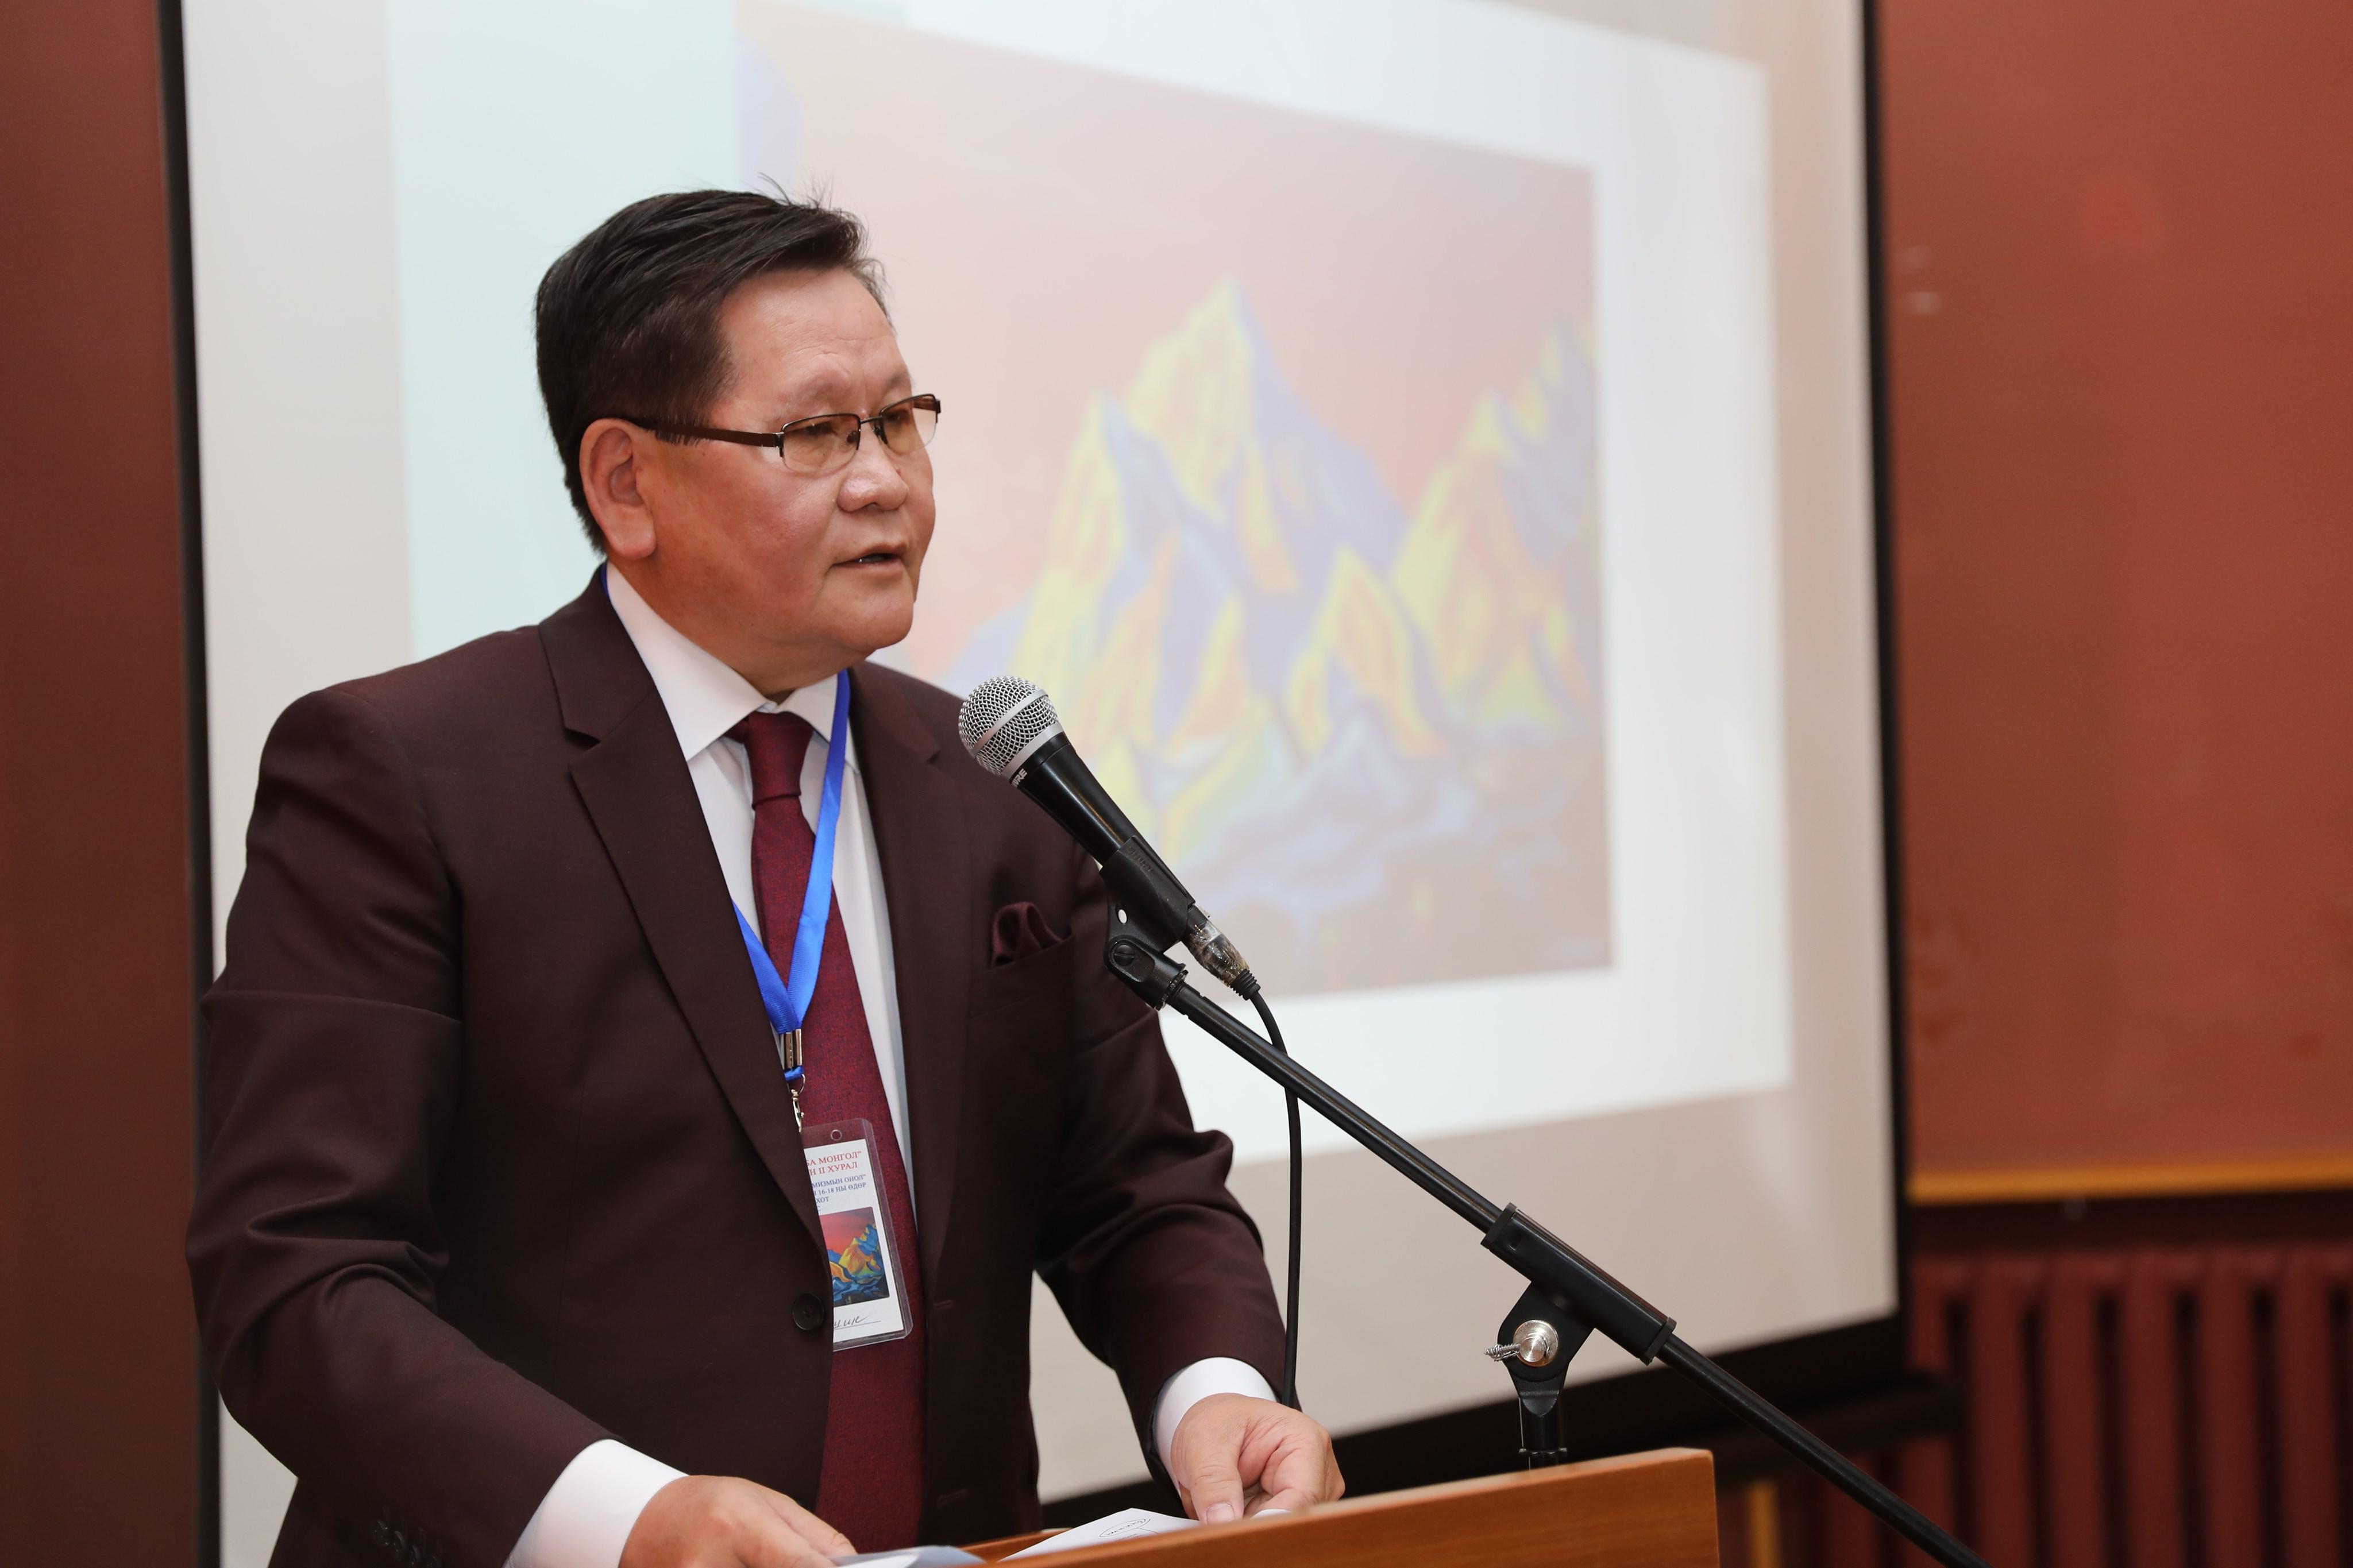 ec85d4bcba8e4939f19984a450aa5de5 Ө.Энхтүвшин: Н.К.Рерих бол Монгол орны түүх, байгалийн дүрслэлийг бүтээлийнхээ нэгэн чухал сэдэв болгосон хүн